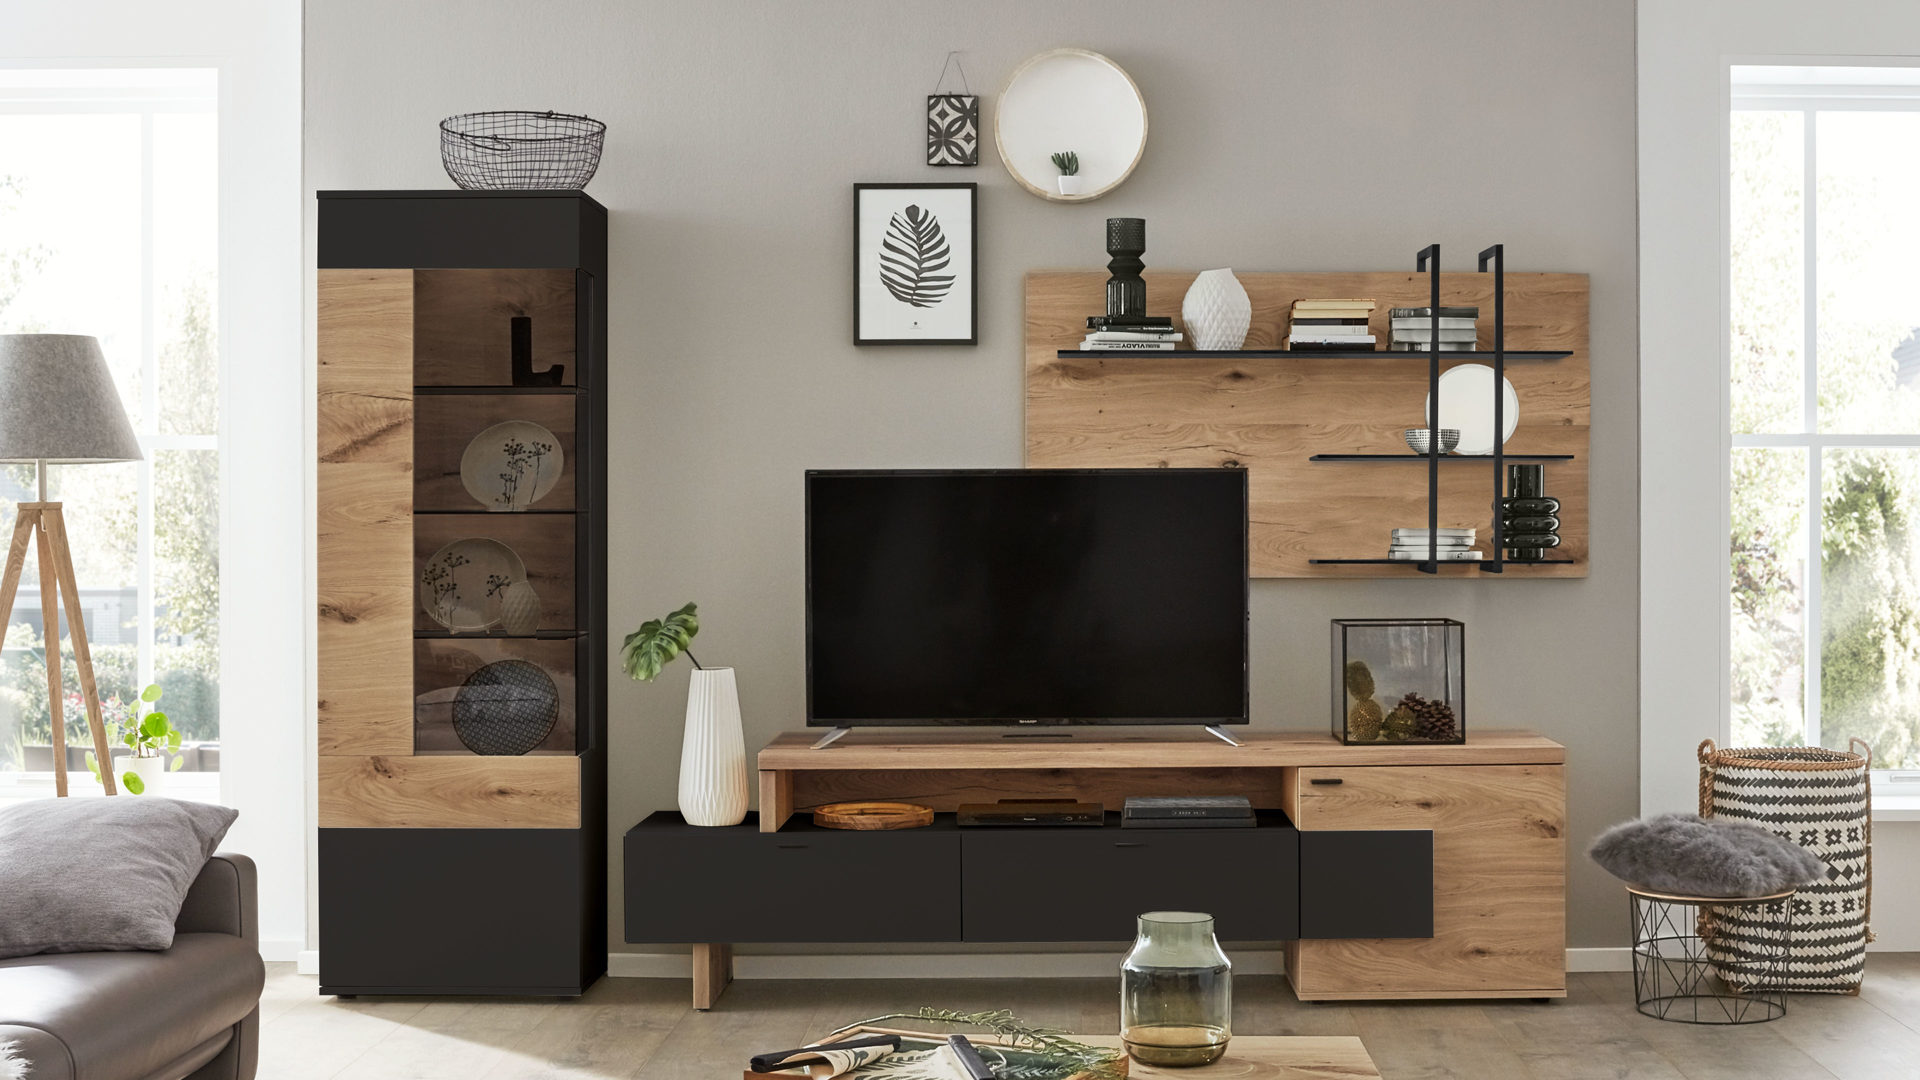 Interliving Wohnzimmer Serie 10 – Wohnkombination, anthrazitfarbene  Lackoberflächen & Balkeneiche – dreiteilig, ca. 10 c